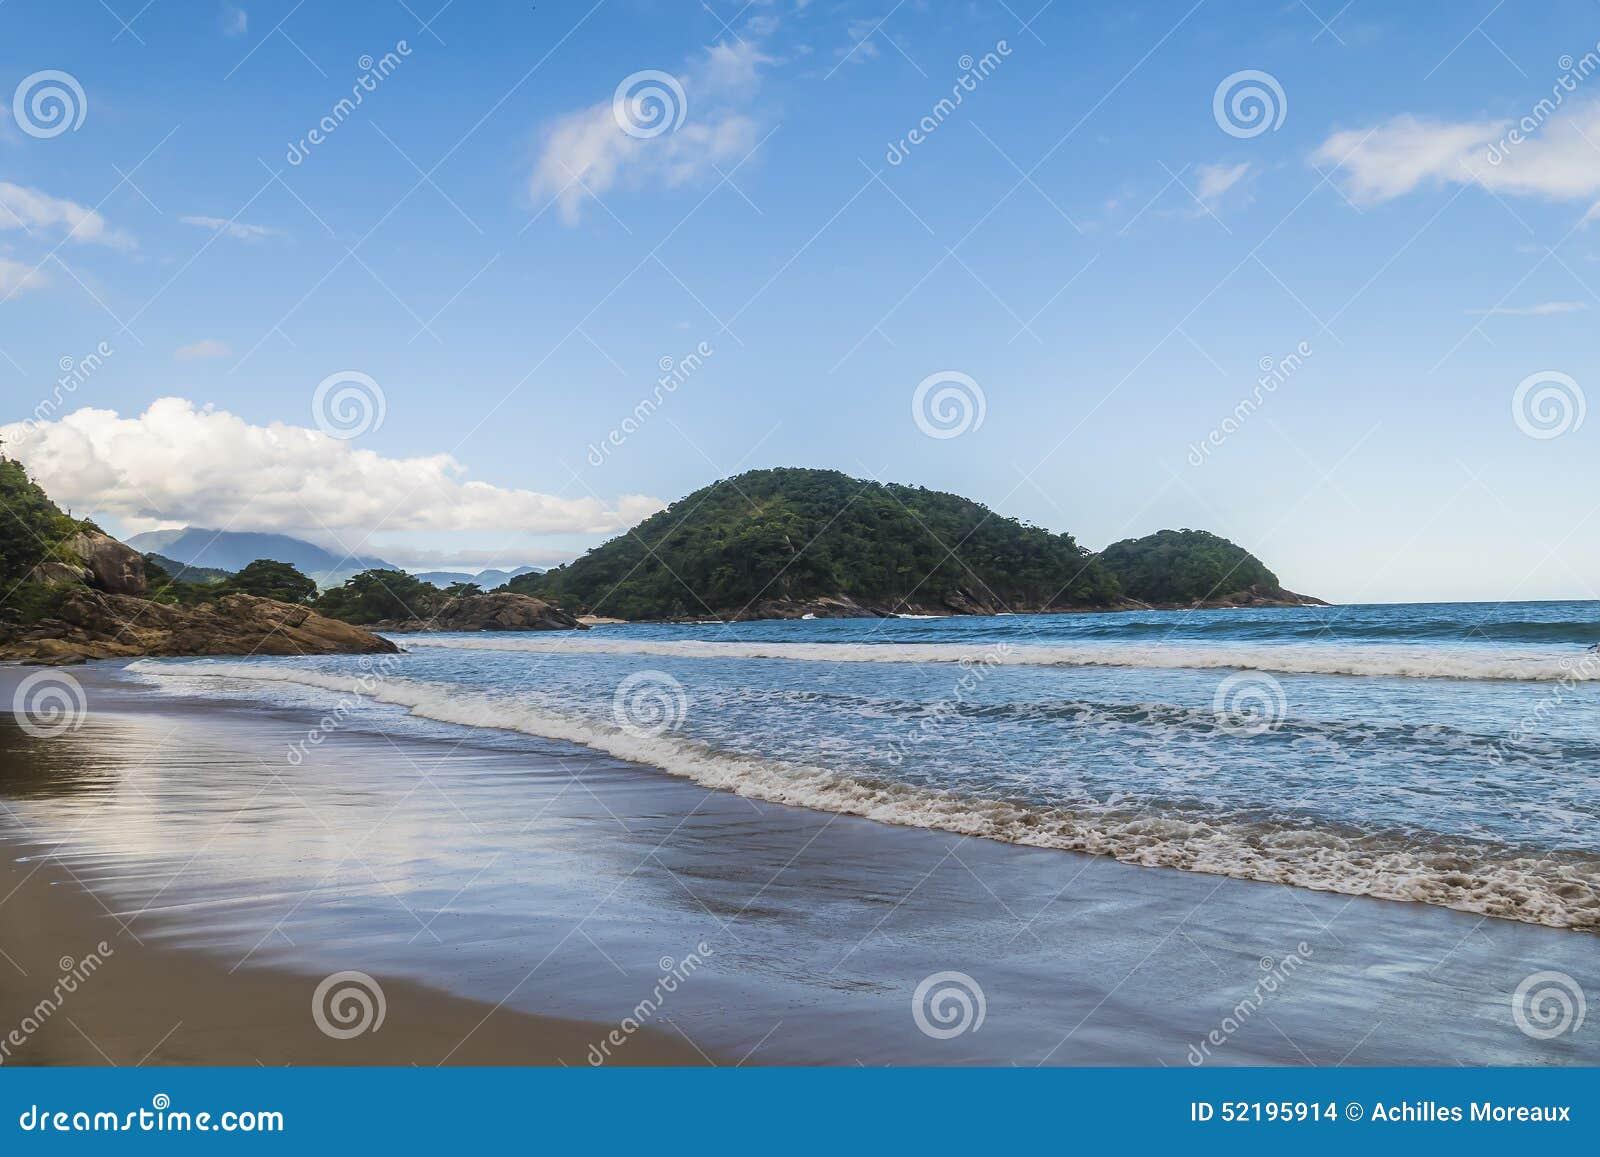 Пляж Cachadaco в Бразилии